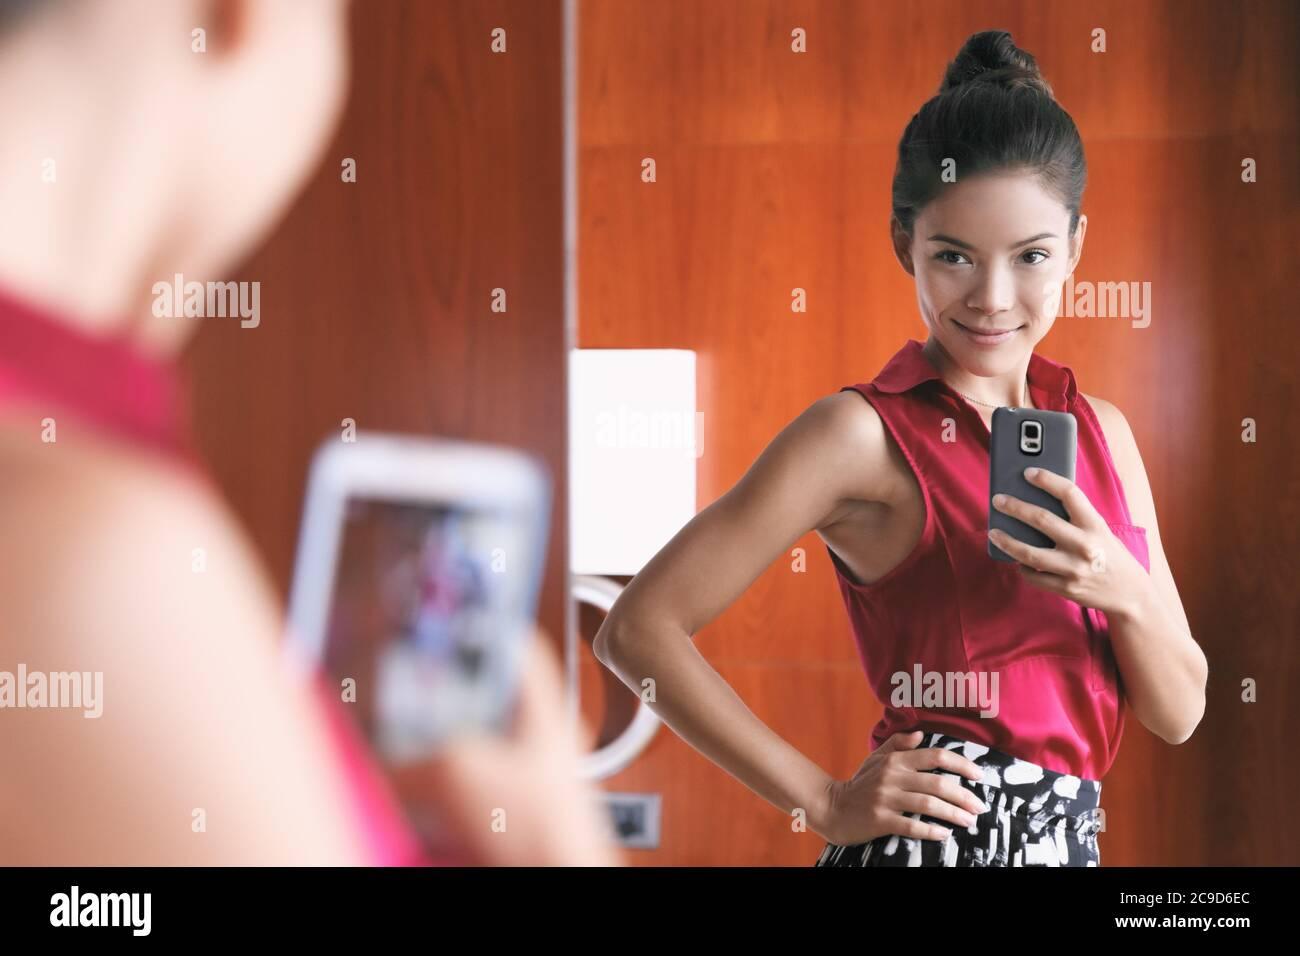 flache brust teen selfie spiegel